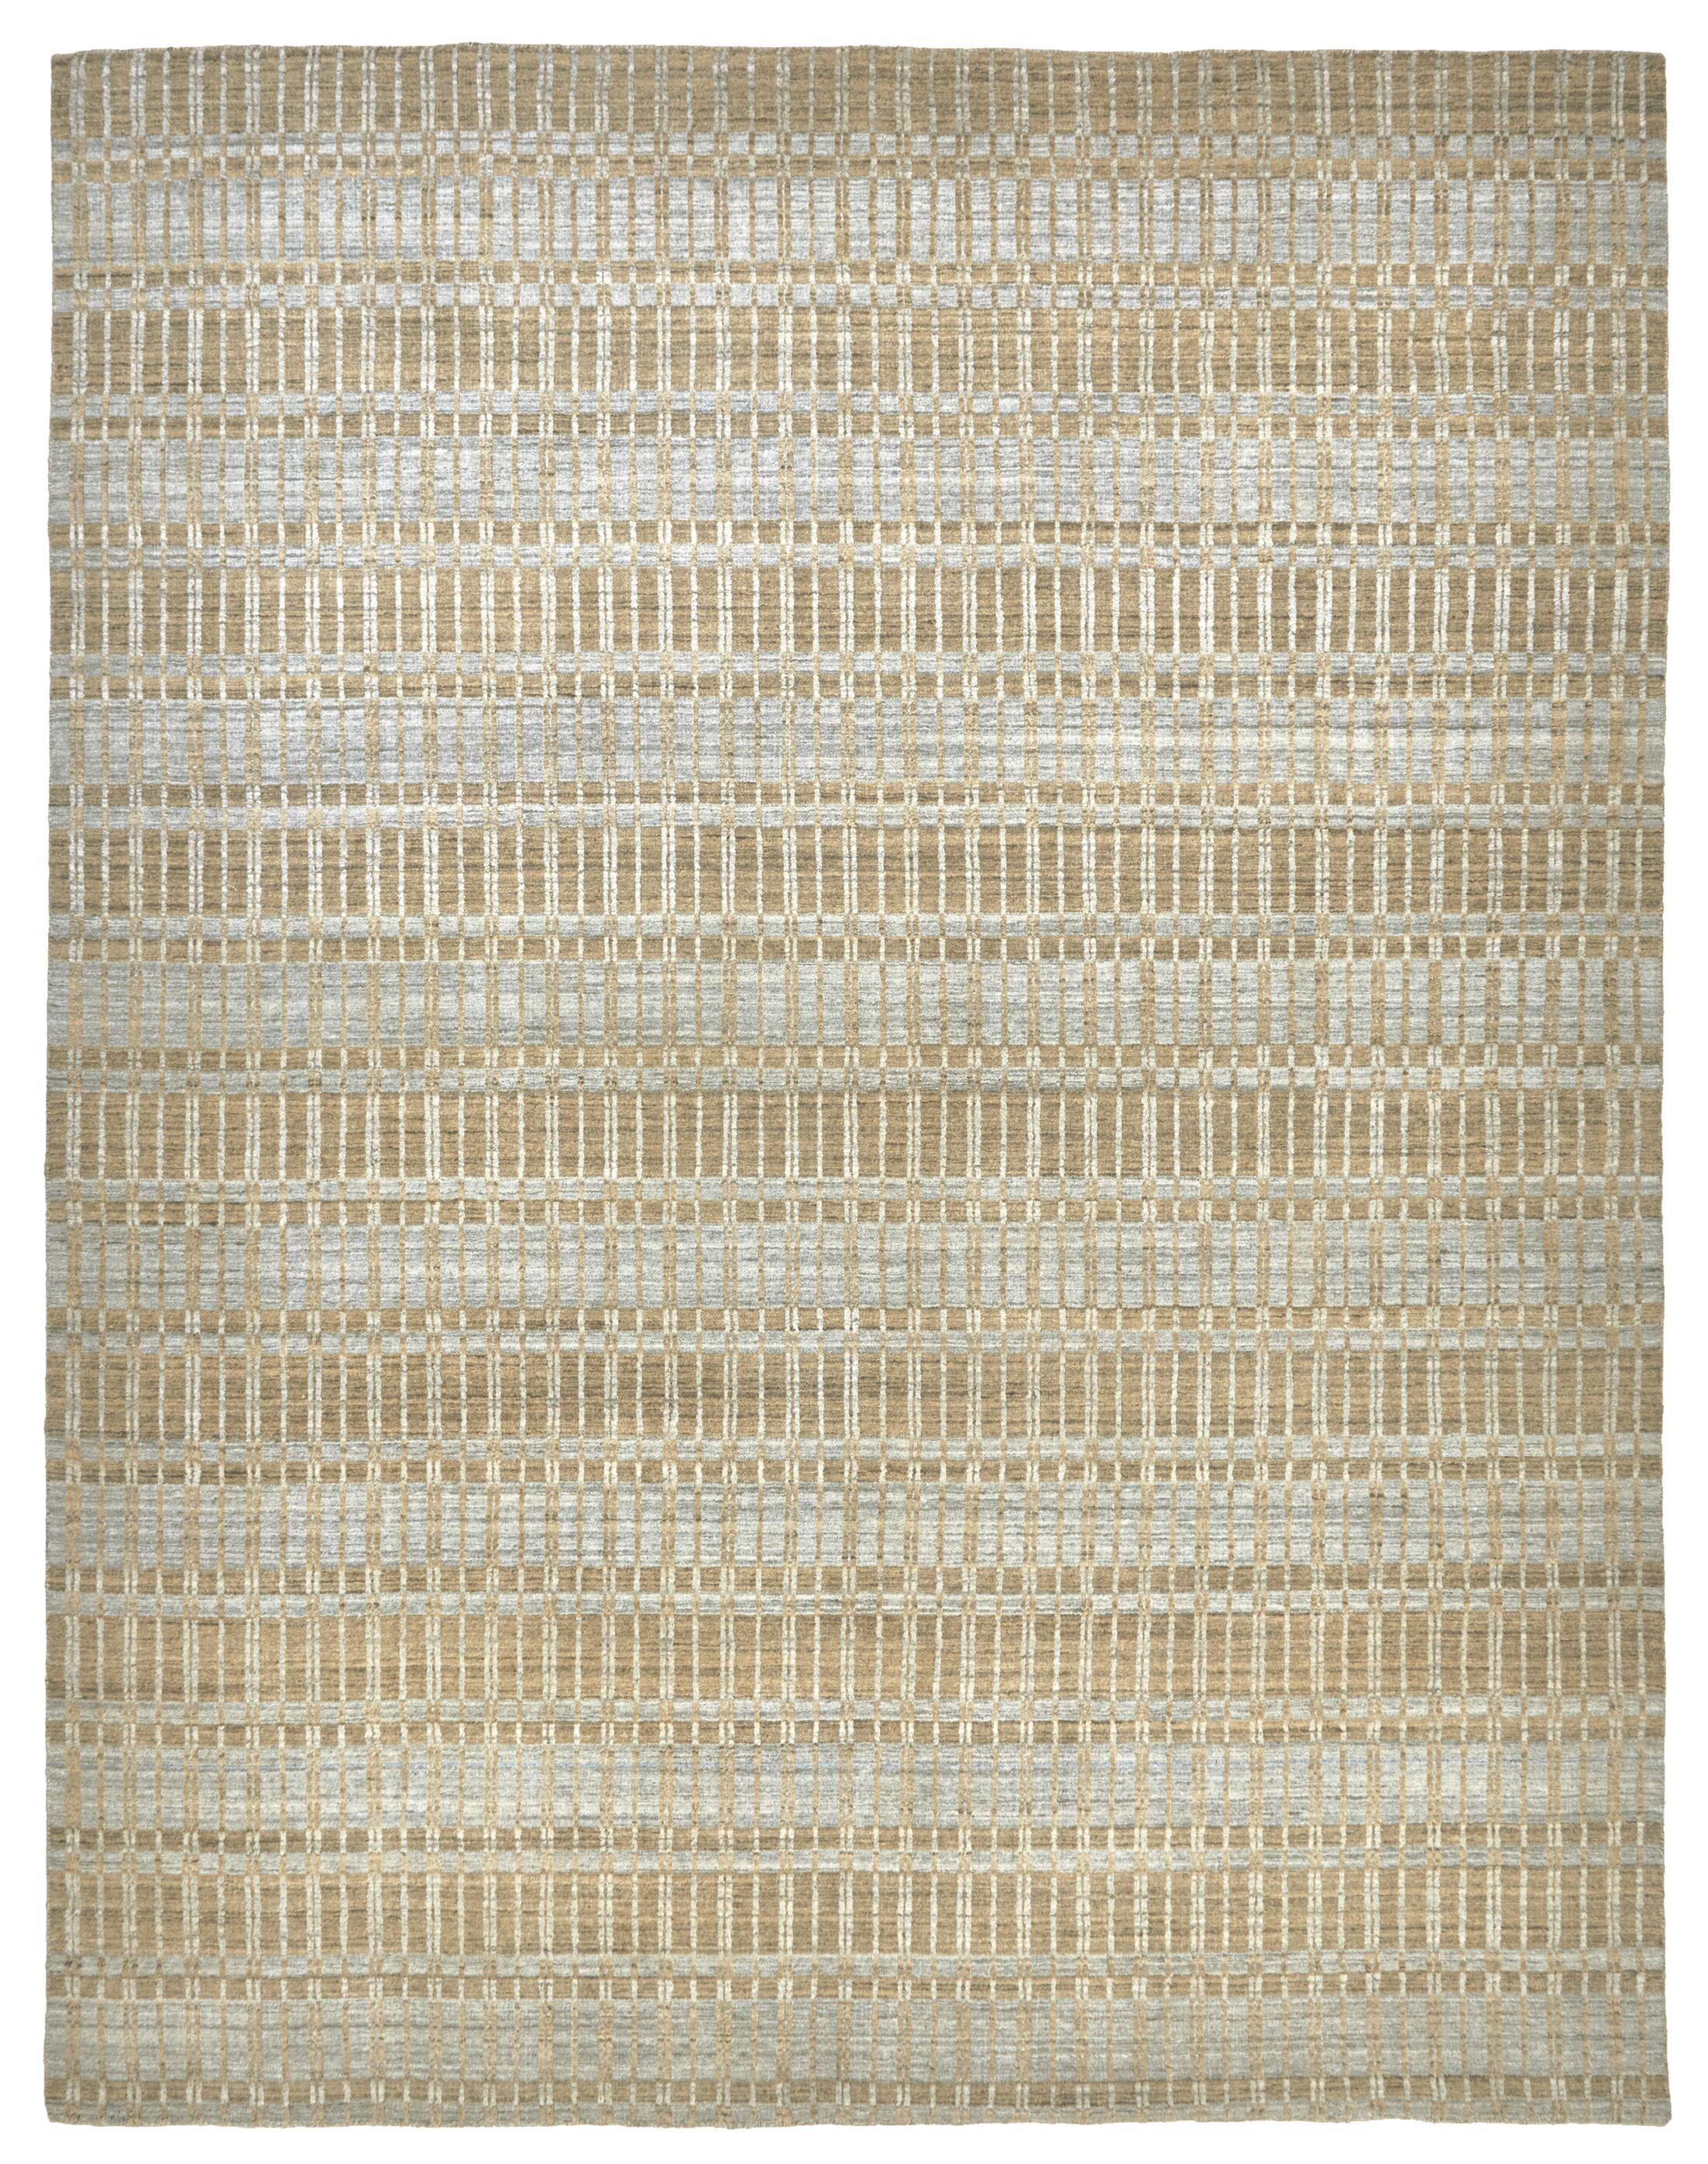 Dellaposta Hand-Woven Tan/Silver Area Rug Rug Size: Rectangle 5' x 7'6